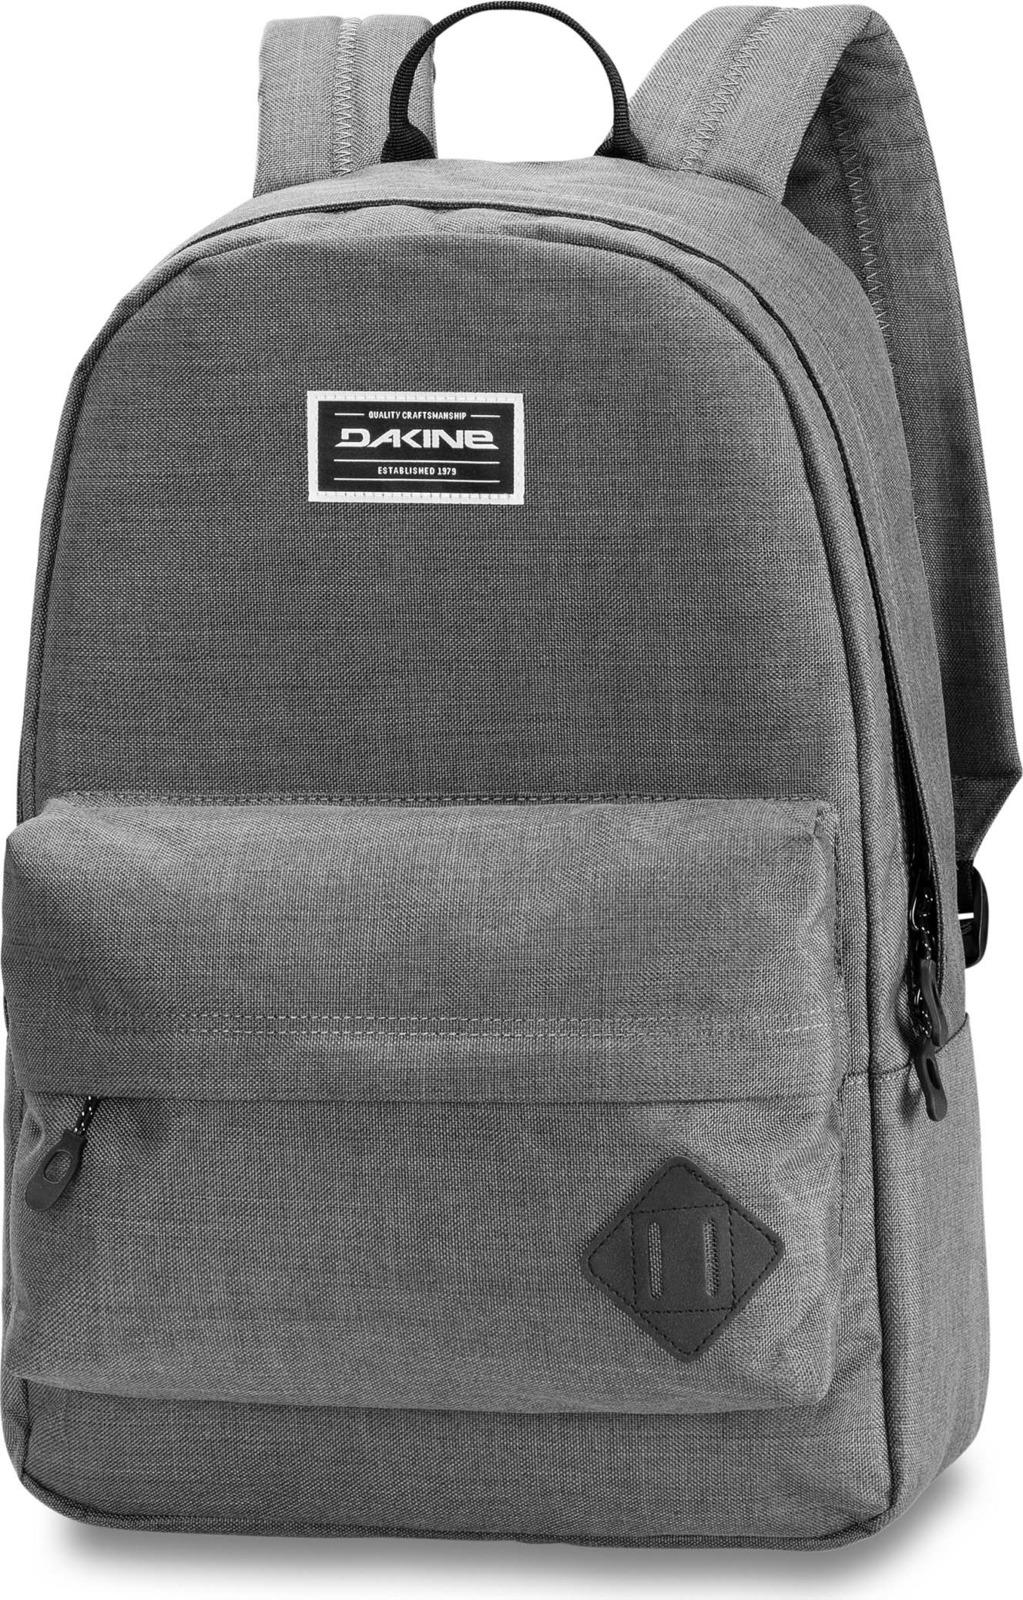 Рюкзак Dakine 365 Pack, цвет: серый, 21 л dakine рюкзак dakine dk 365 dewilde 21 л